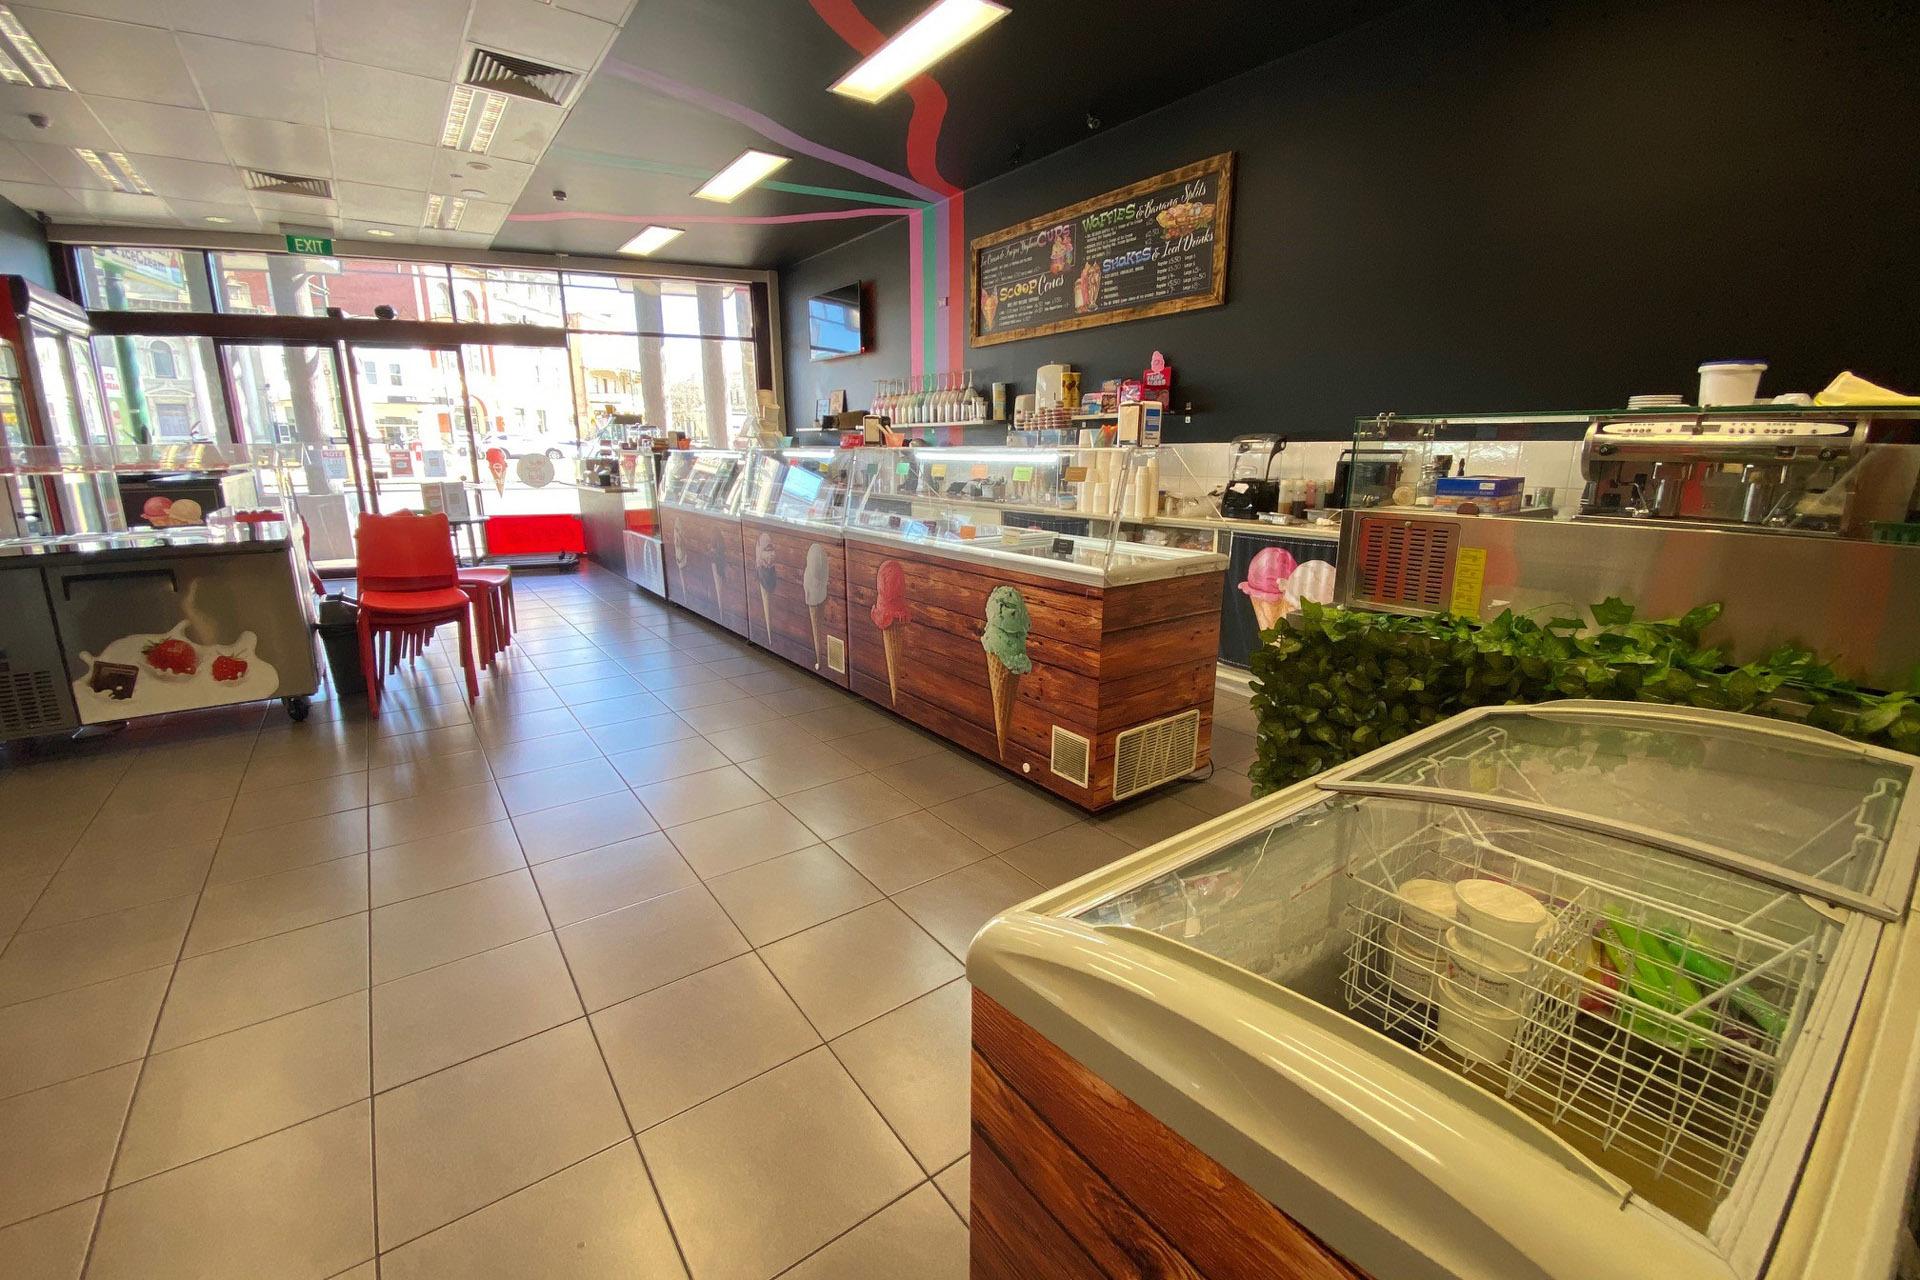 b - Bendigo Ice Creamery